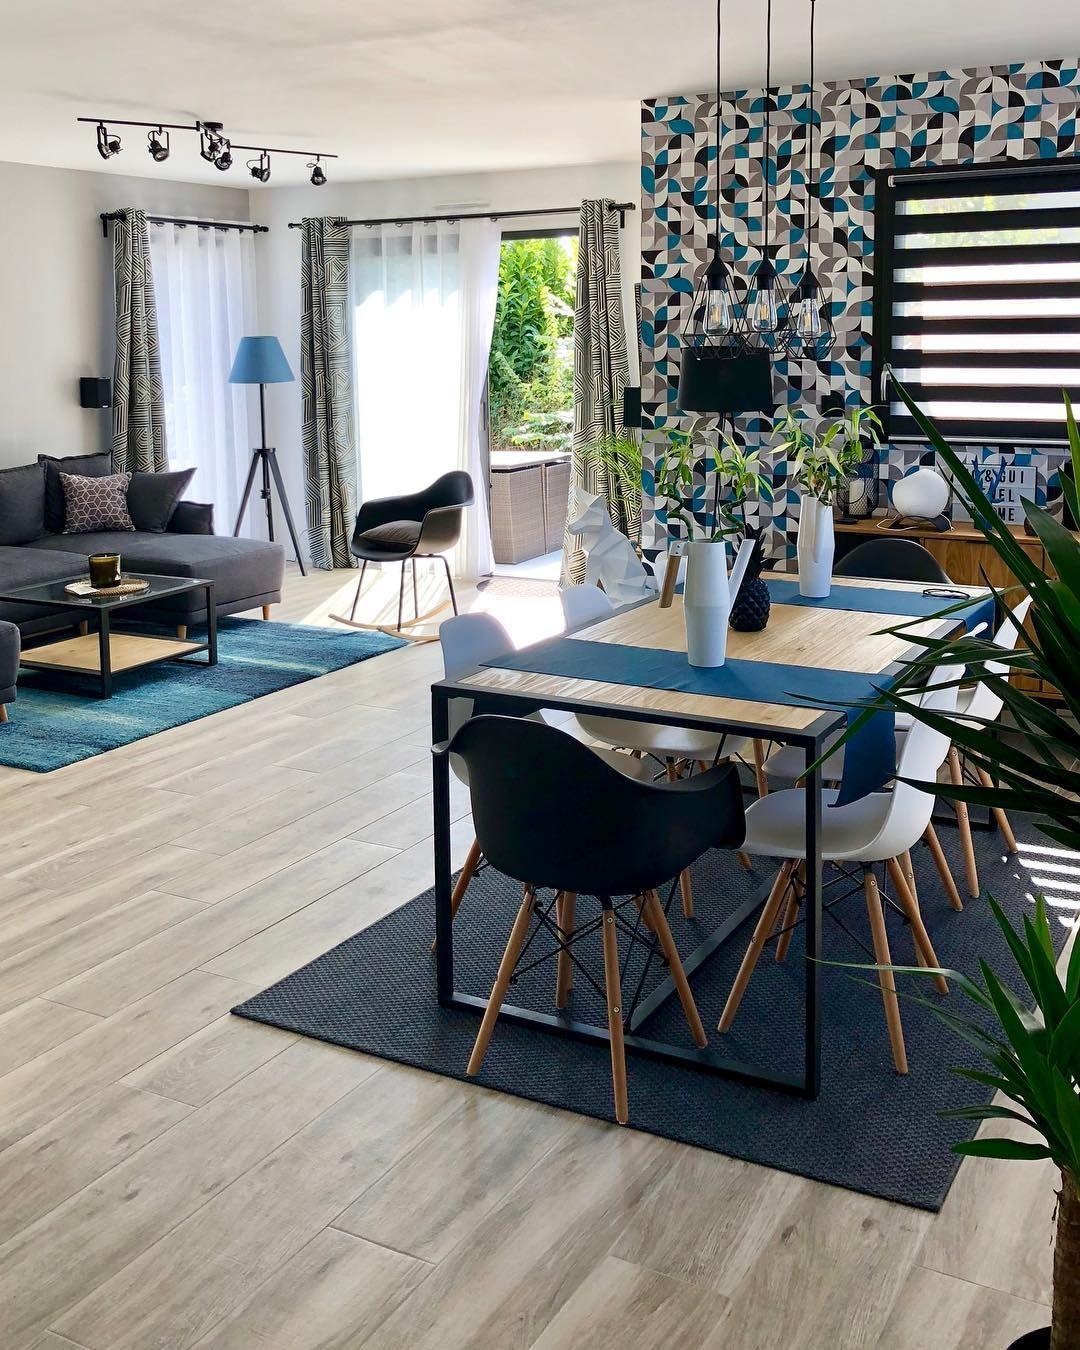 Deco Salon Marron Et Bleu Épinglé par atun sur deco salon en 2020 | déco salon canapé